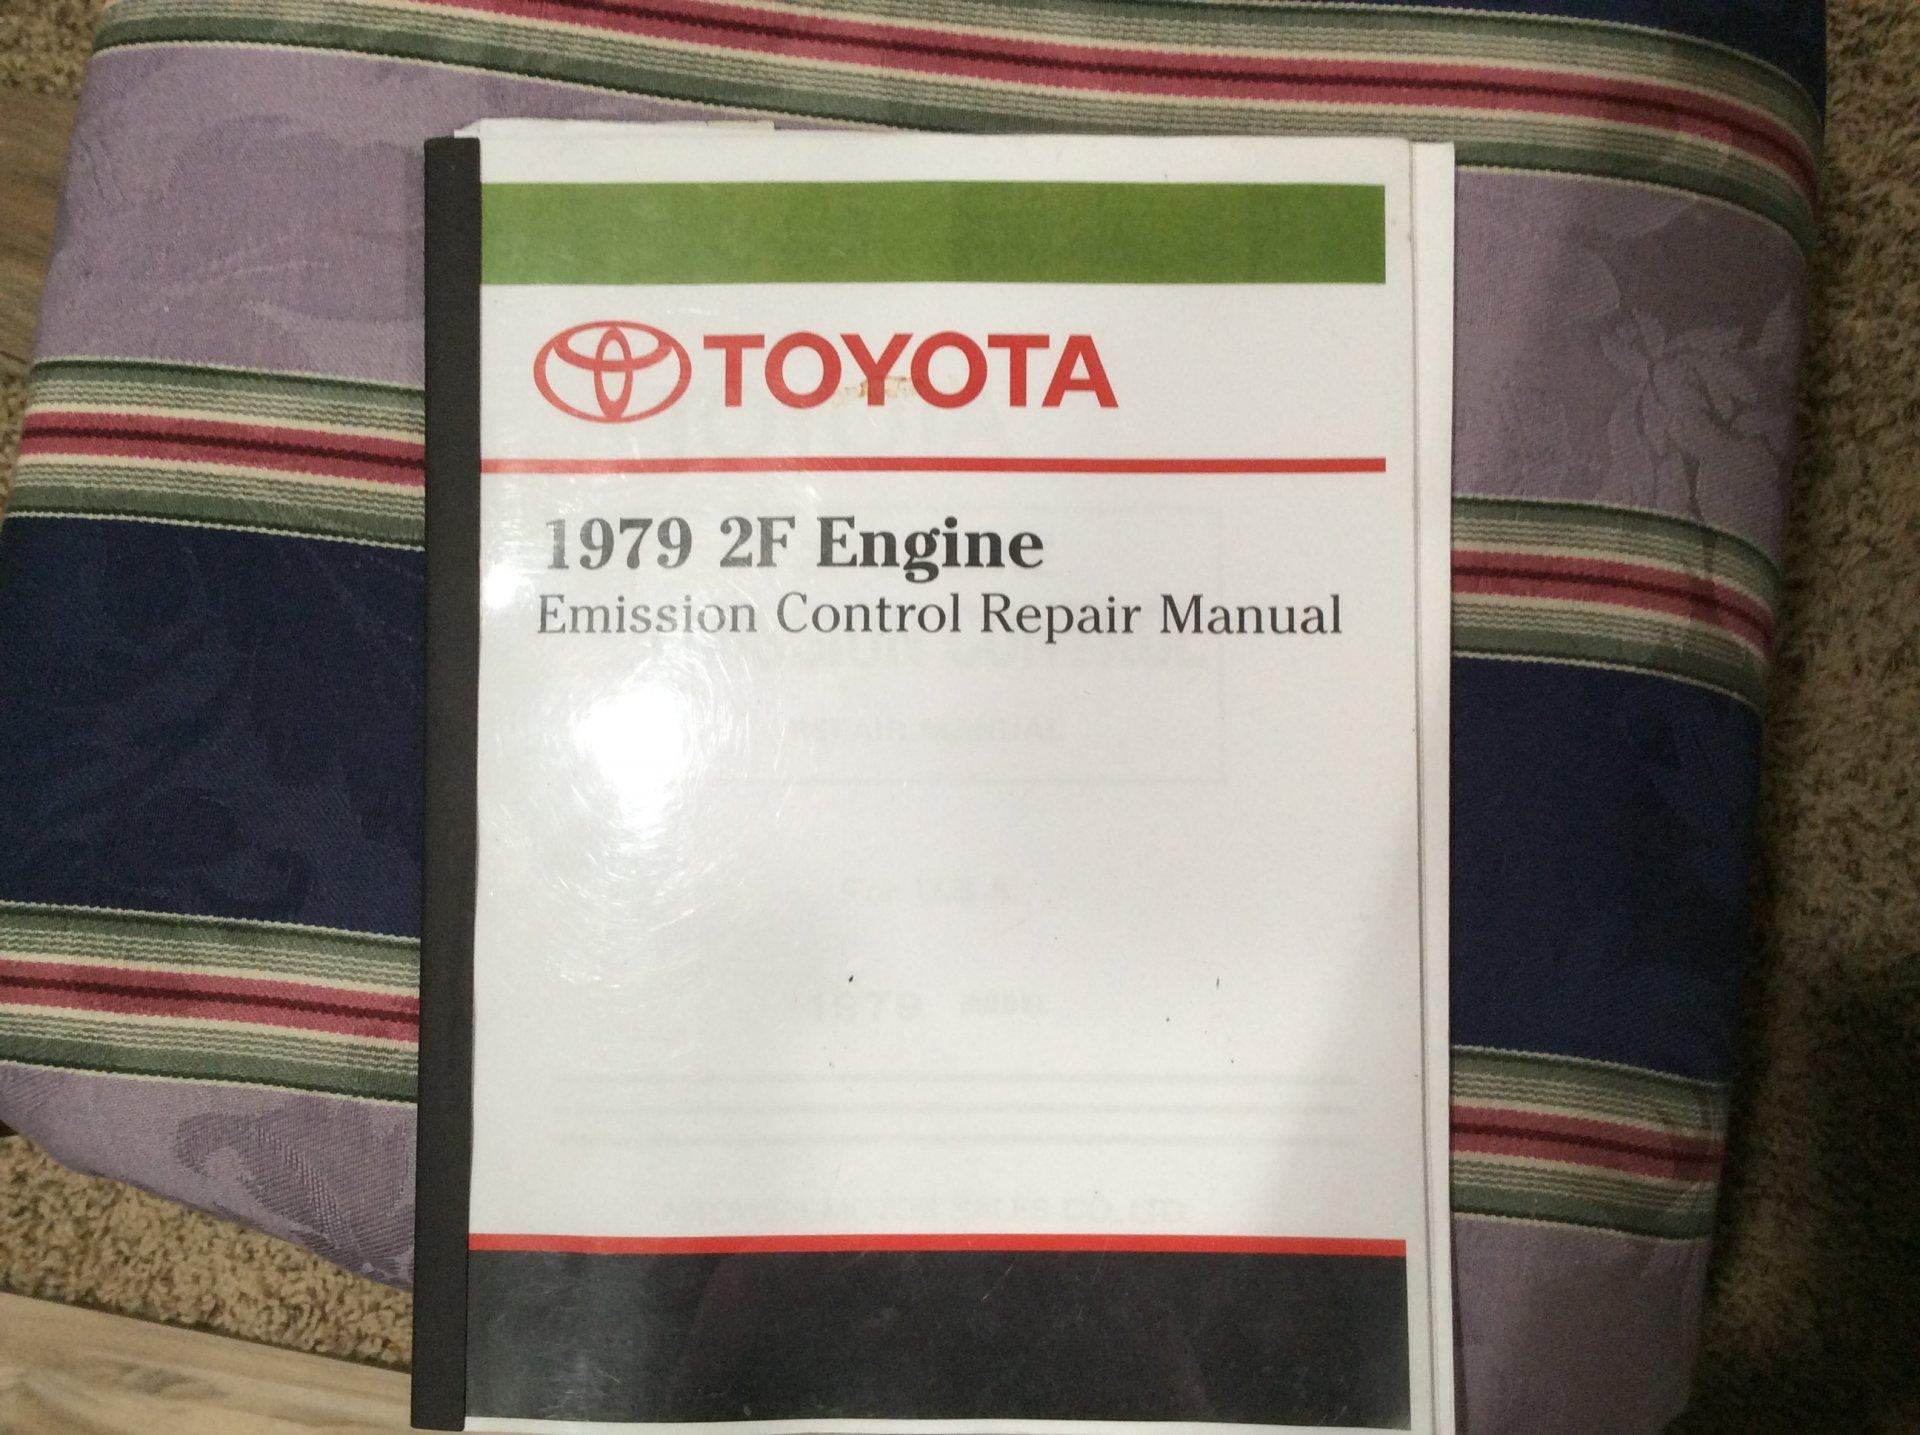 F4509BD7-7C88-42D6-A263-7ADD07ED0BDD.jpeg